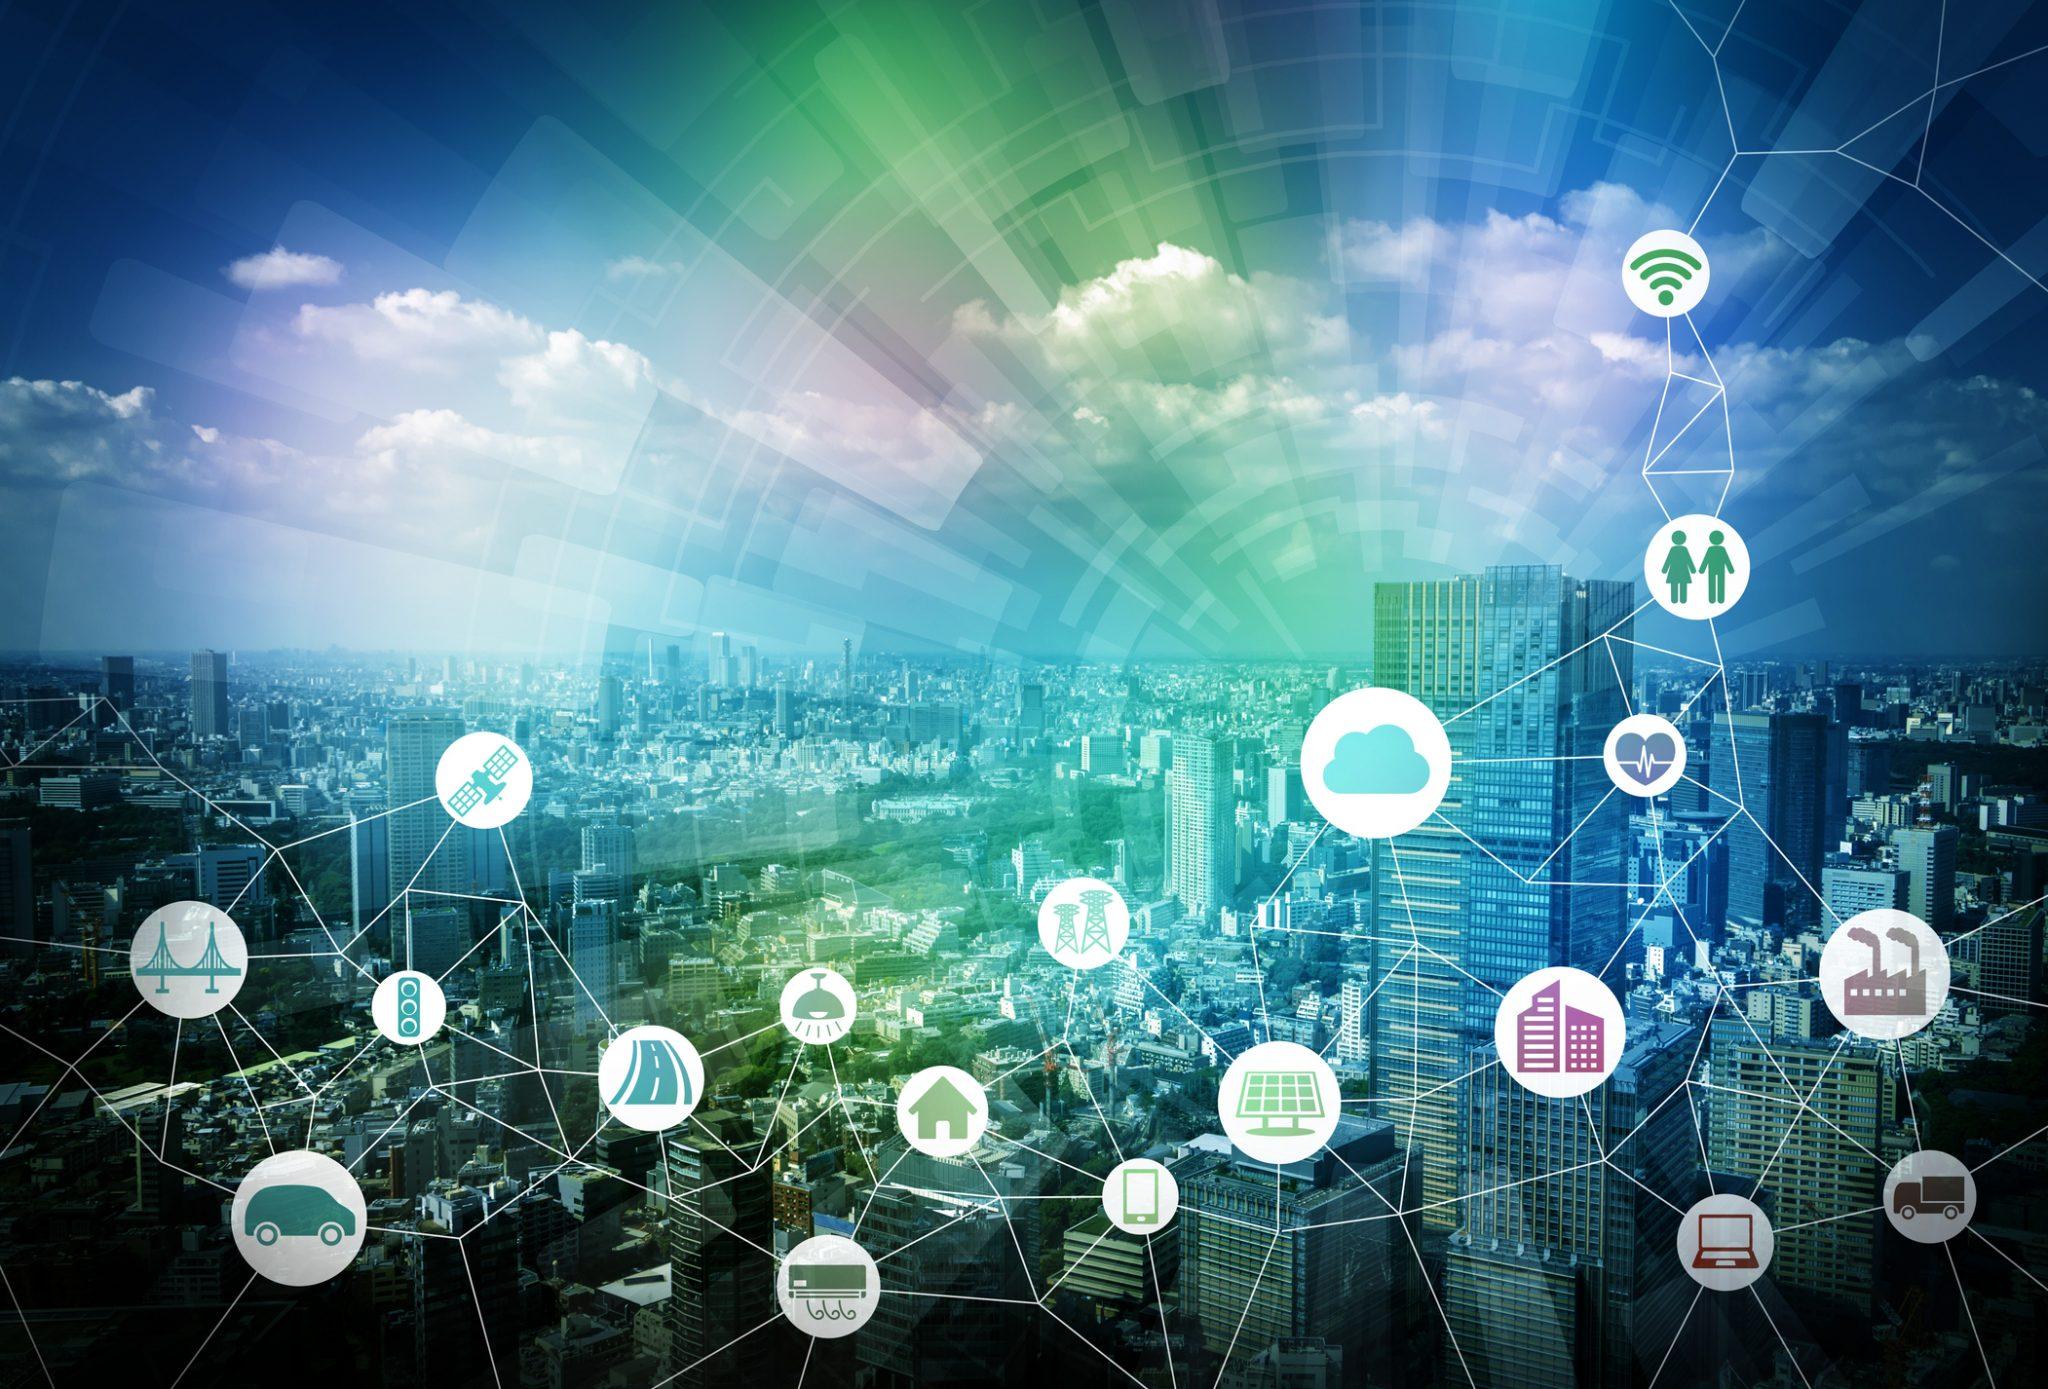 物联网在公用事业有哪些应用